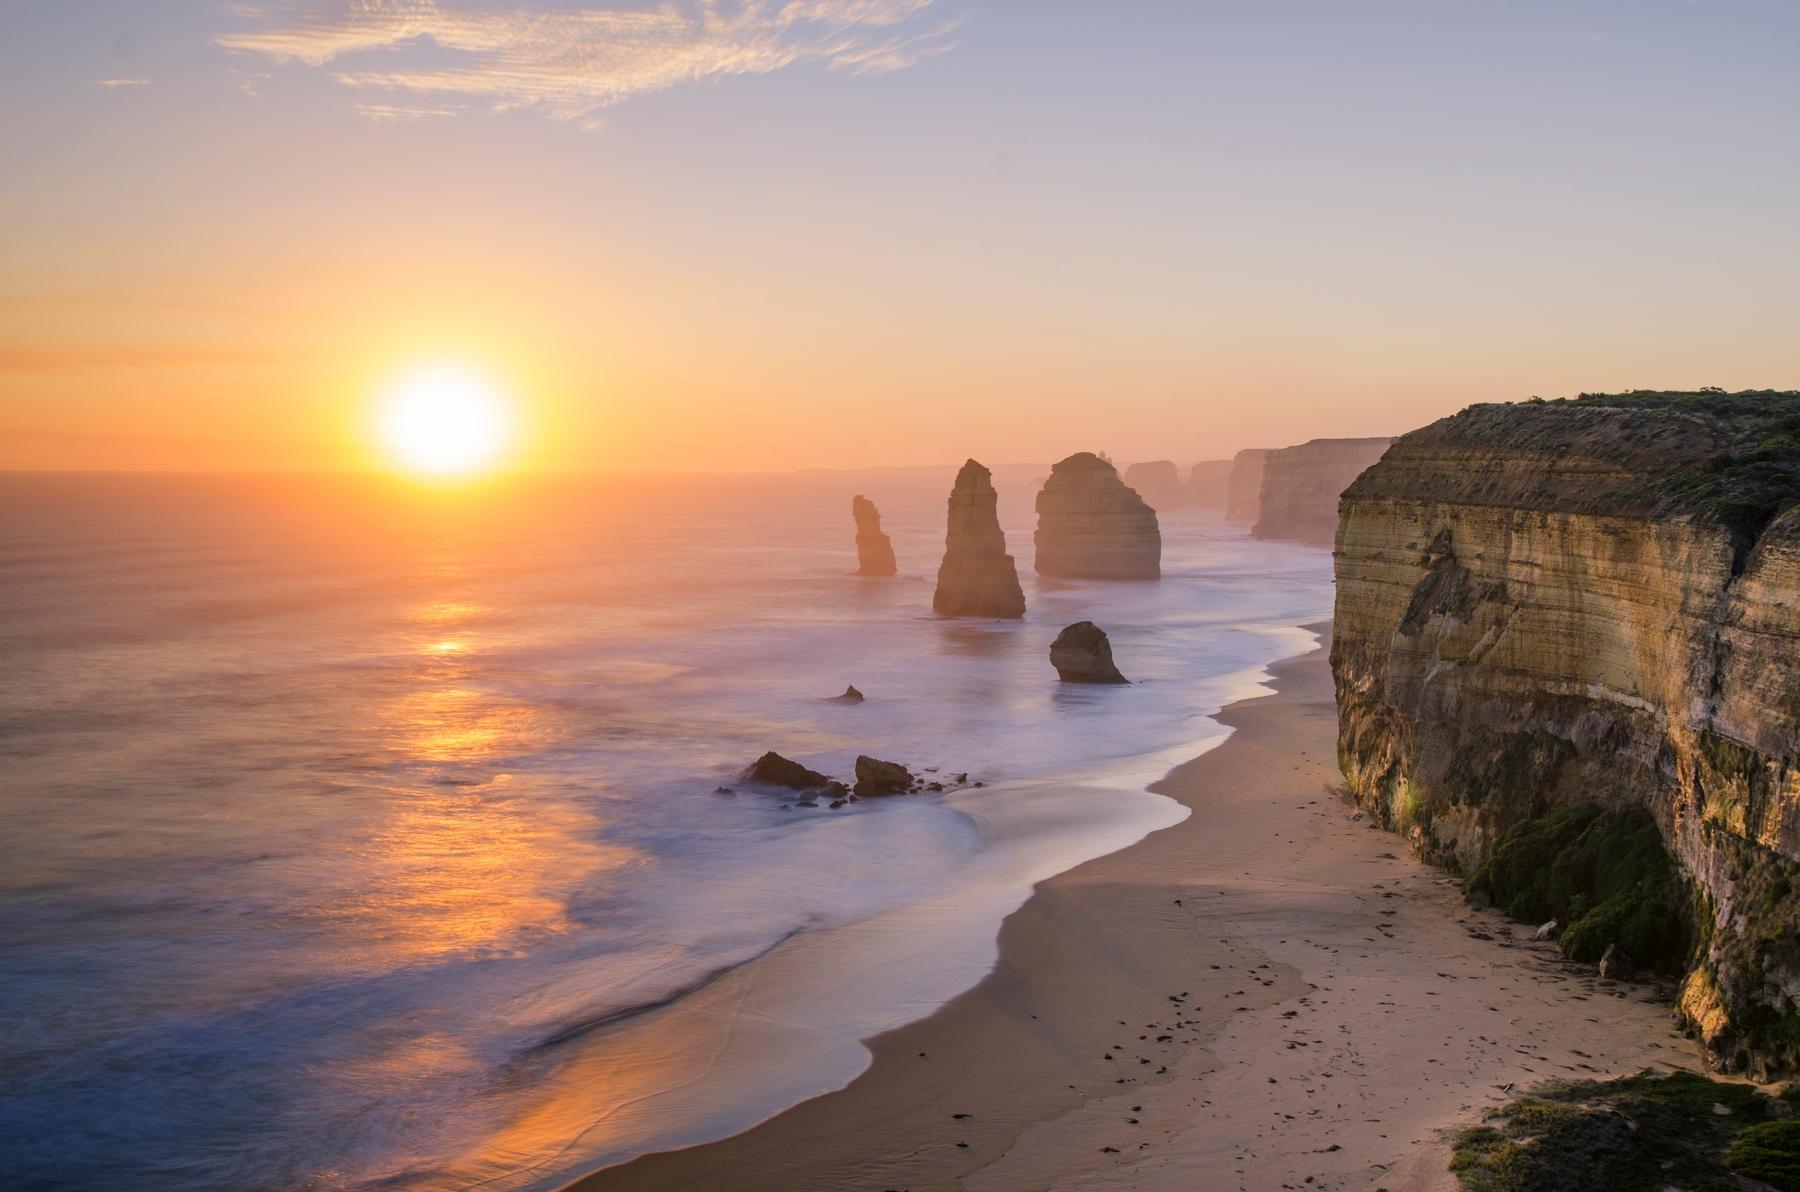 Живописные маршруты для путешествие на машине. Закат у скал Двенадцать апостолов в национальном парке Порт-Кэмпбелл в Австралии